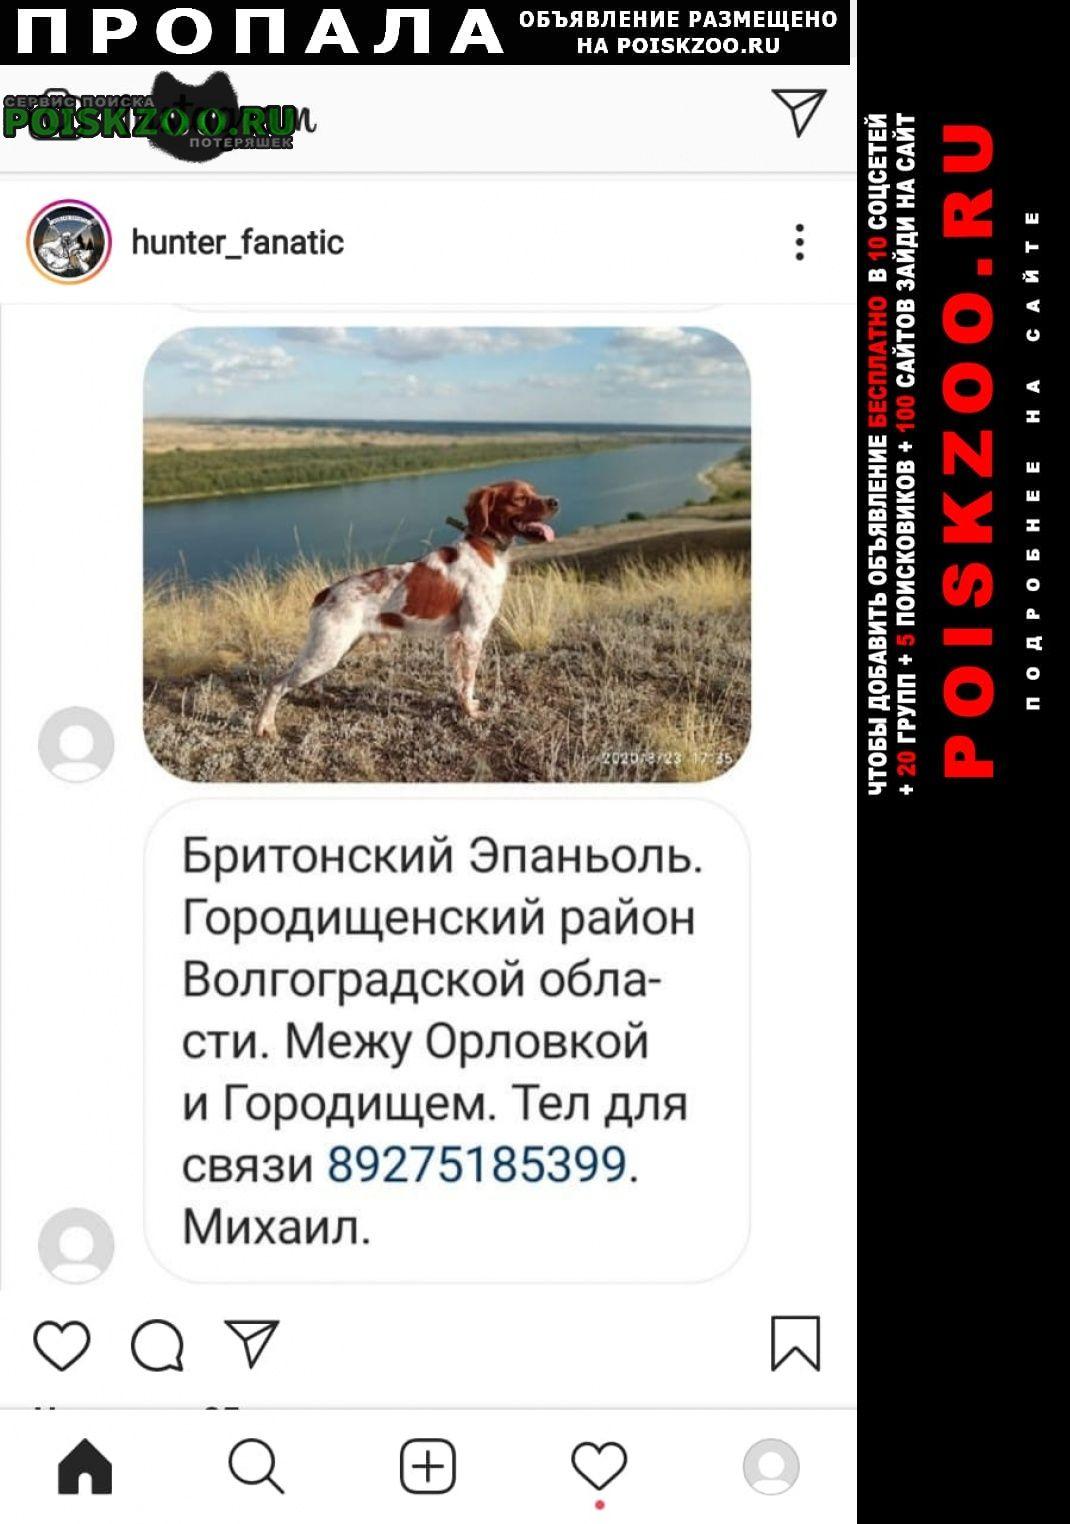 Пропала собака охотничий Волгоград